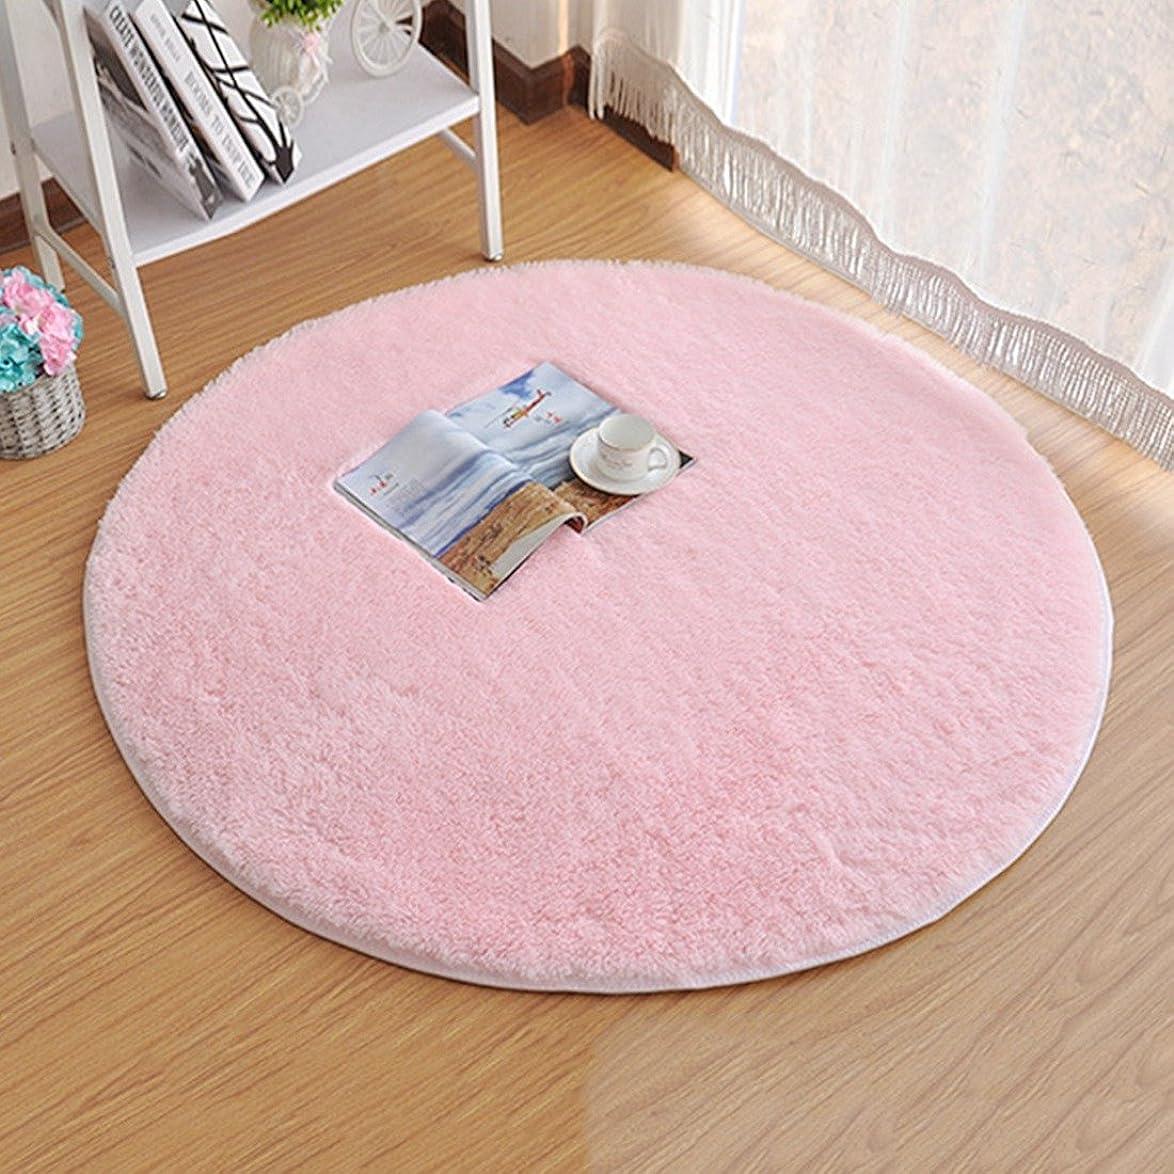 重要成功するロビーJiyaru ラグ カーペット 円形 ラグマット ホットカーペット 120cm シャギー 丸い マット マイクロファイバー 絨毯 ブランケット チェアマット 折り畳み 滑り止め付き 床暖房対応 (梱包:折り畳み) ピンク